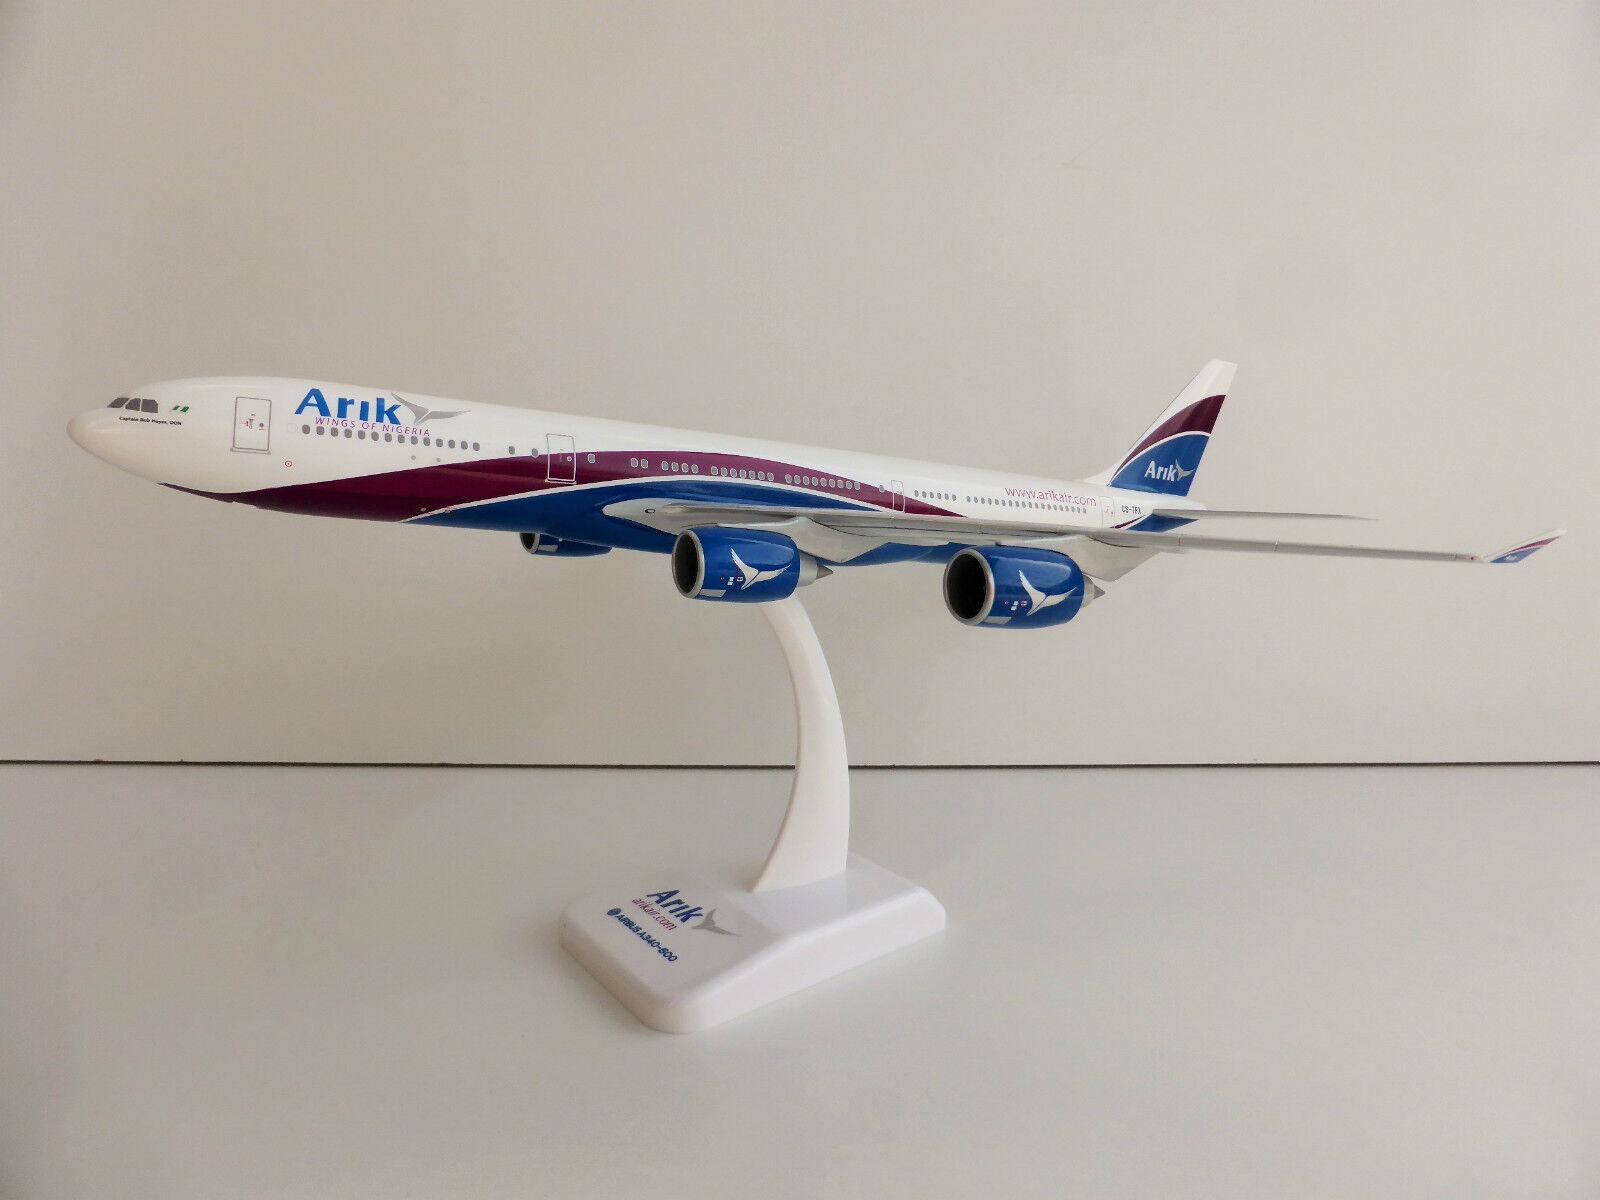 Arik Air Nigeria Airbus a340-500 1 200 Hogan 0359 LIMOX li0359gr a340 A 340